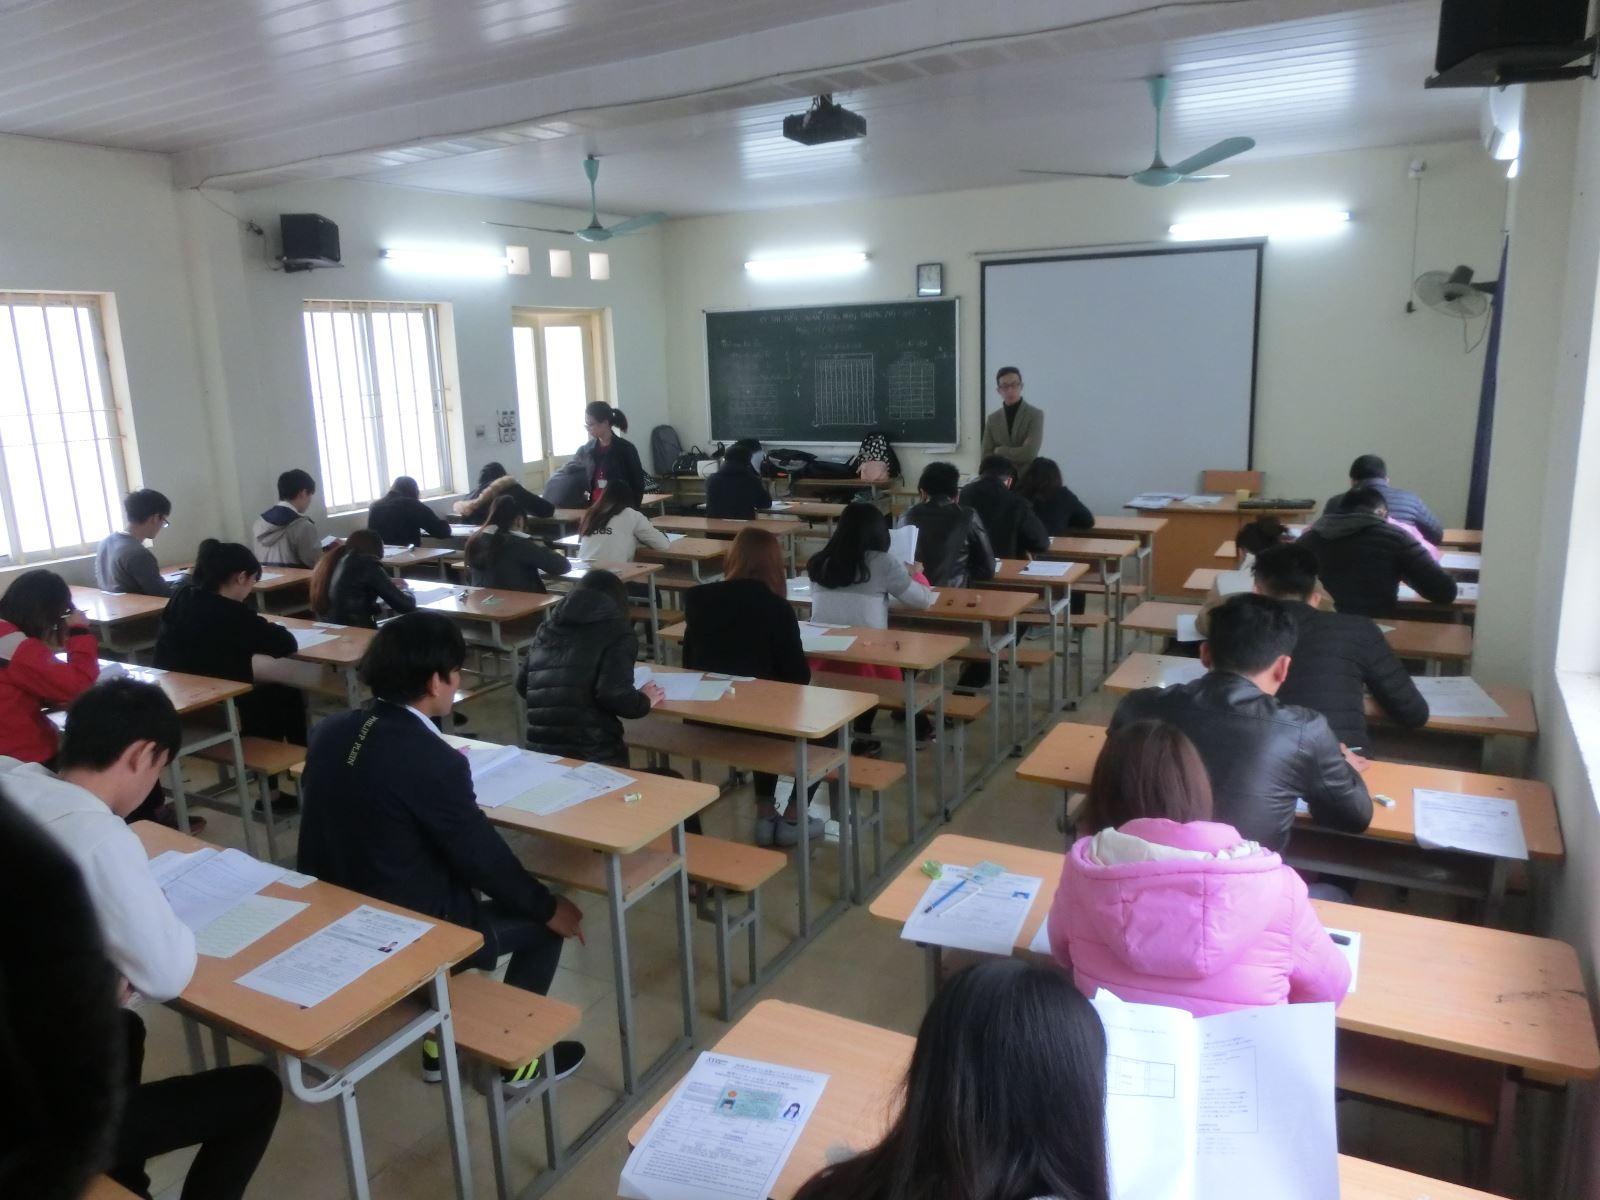 Muốn đi XKLĐ Nhật 2020 PHẢI QUA được kỳ thi năng lực tiếng Nhật MỚI do Nhật Bản tổ chức